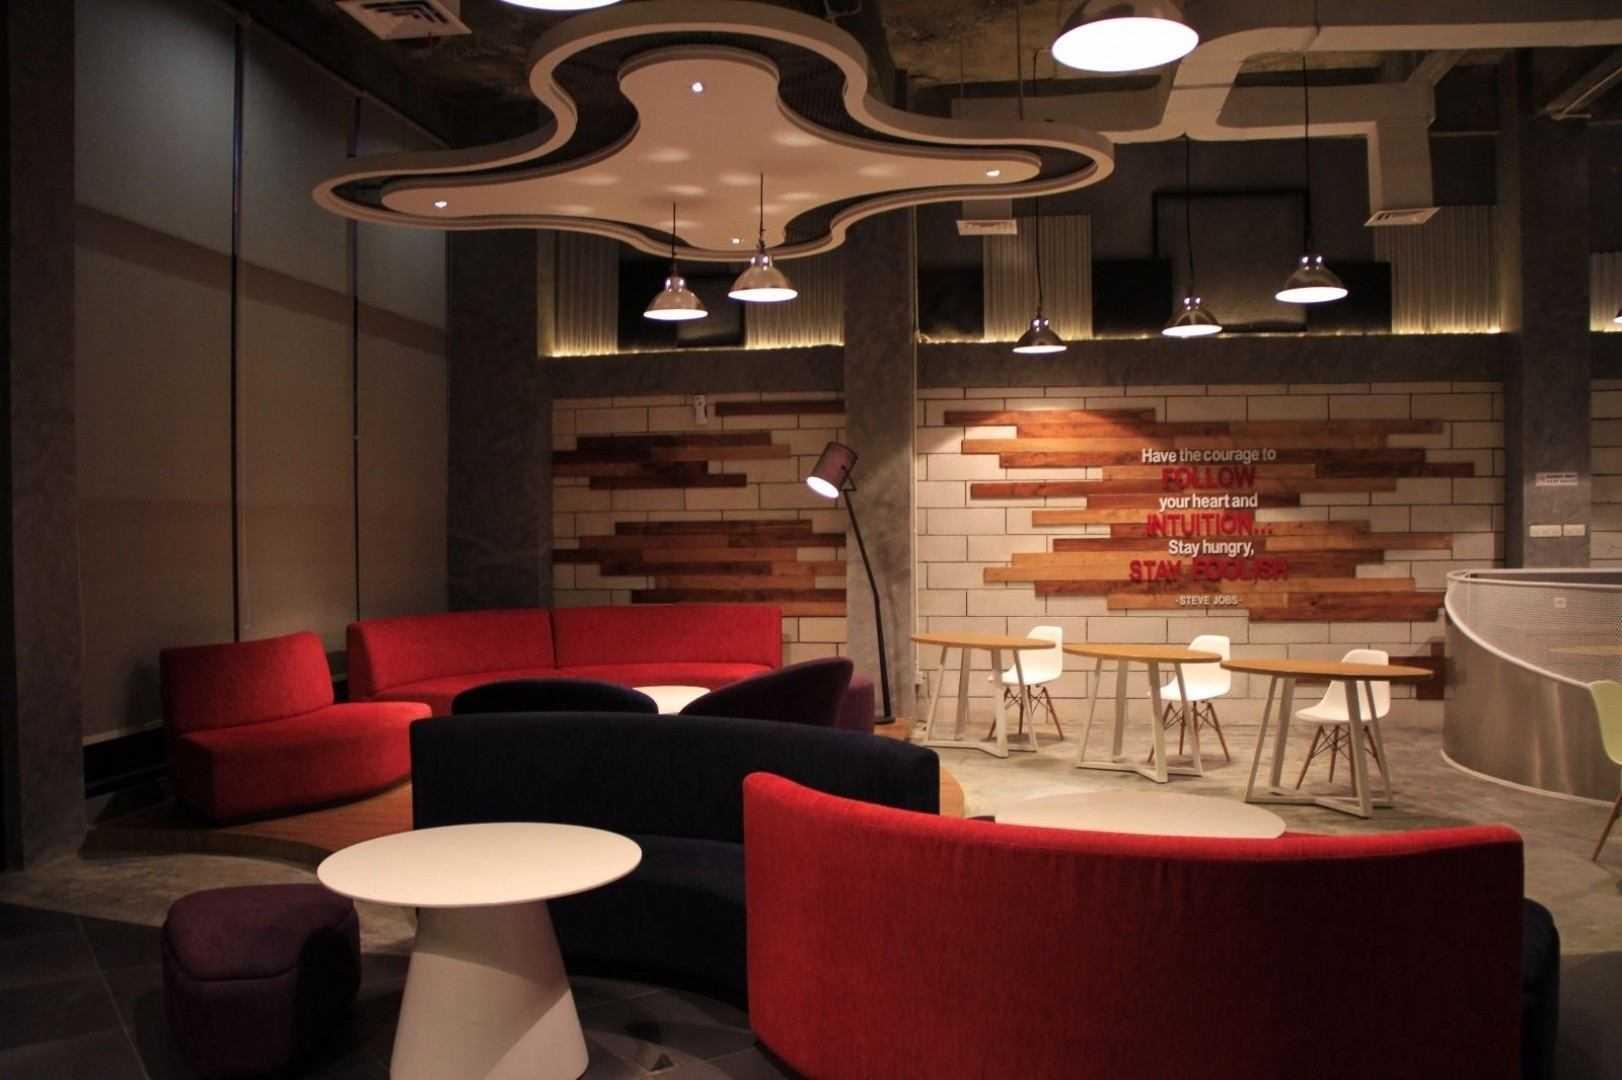 Jasa Interior Desainer Kottagaris Interior Design Consultant di Indonesia